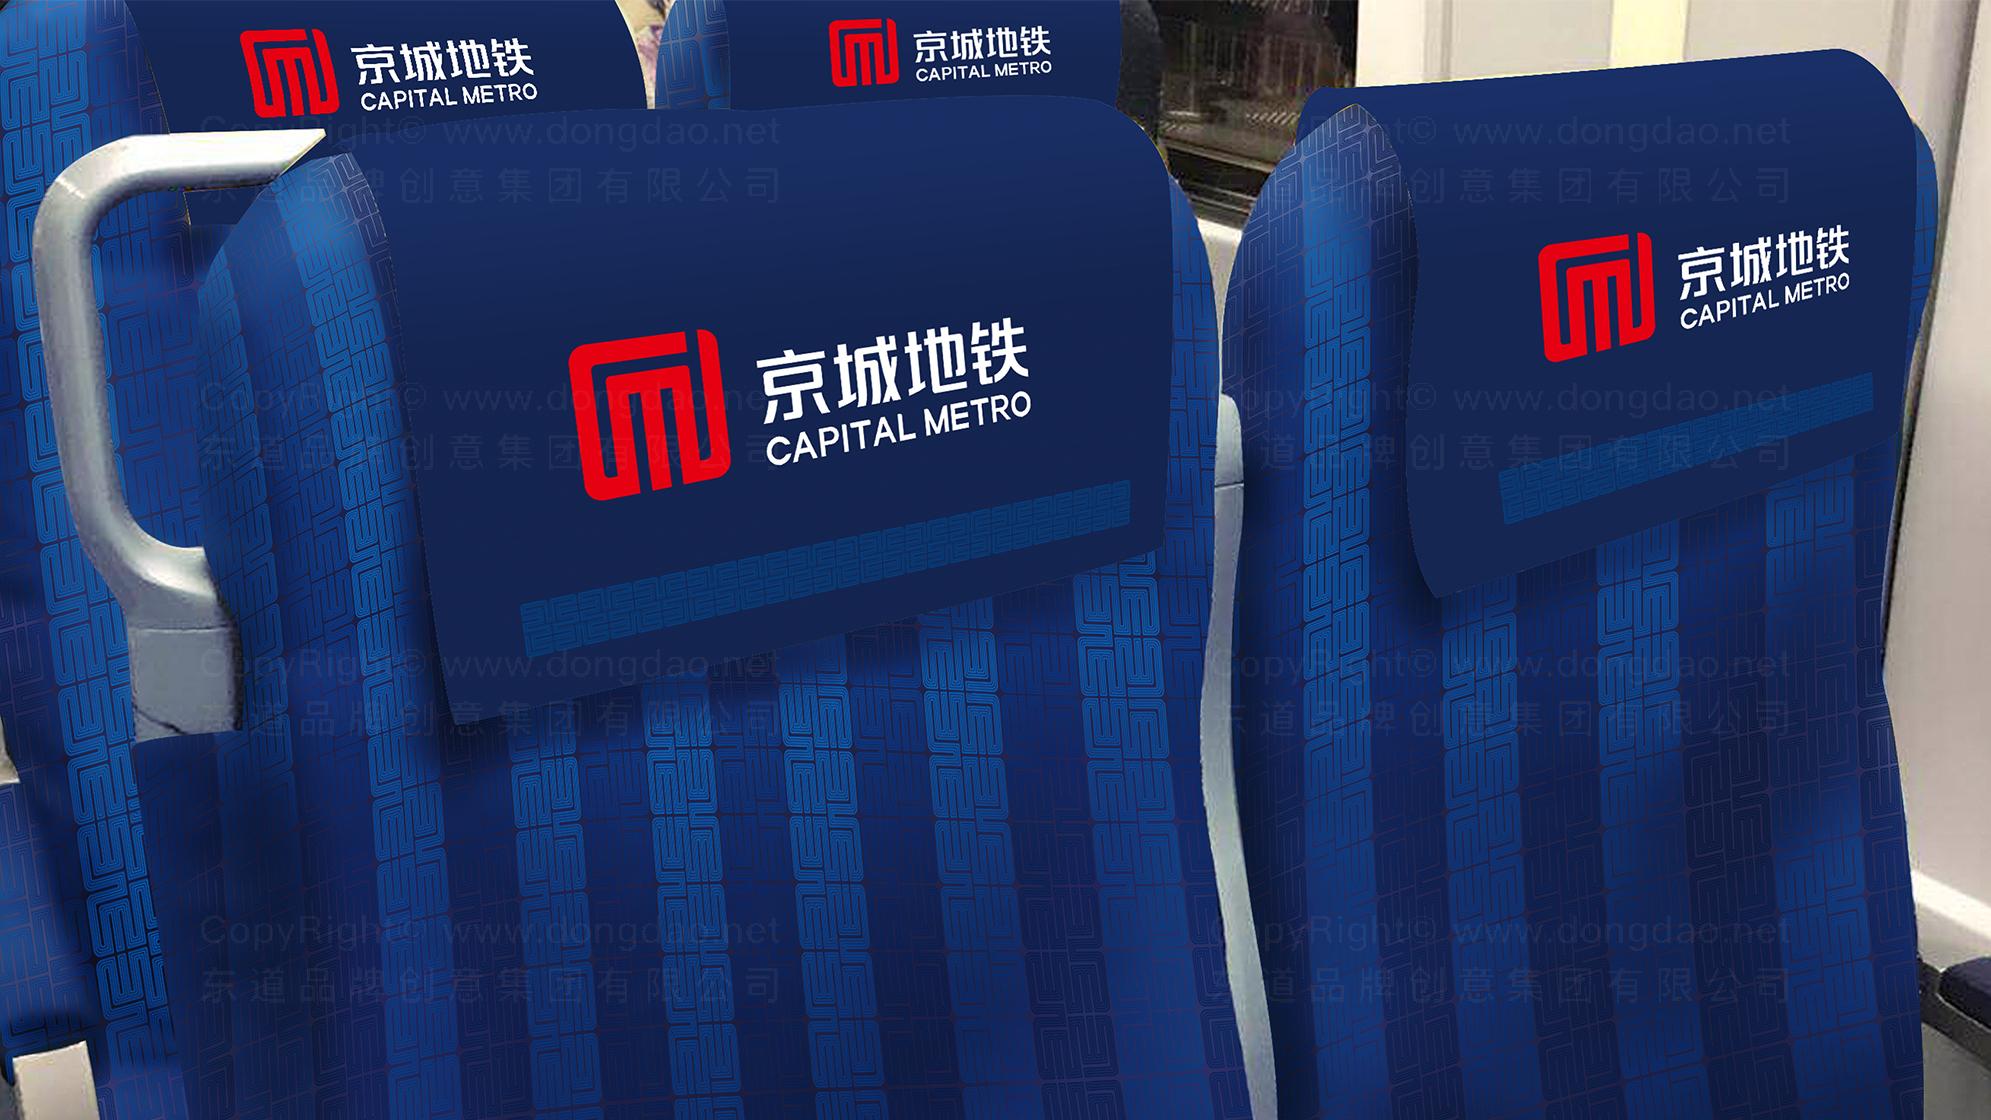 品牌设计京城地铁LOGO&VI设计应用场景_2